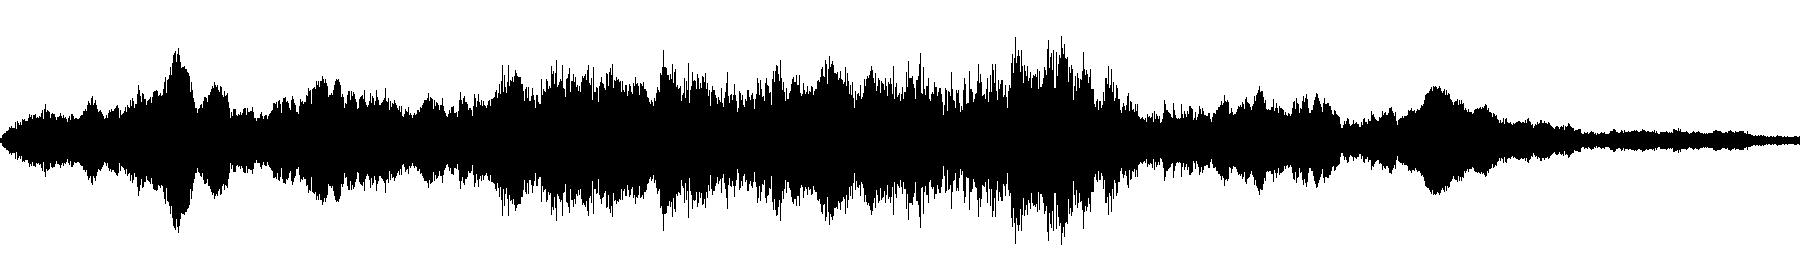 dual voice singing